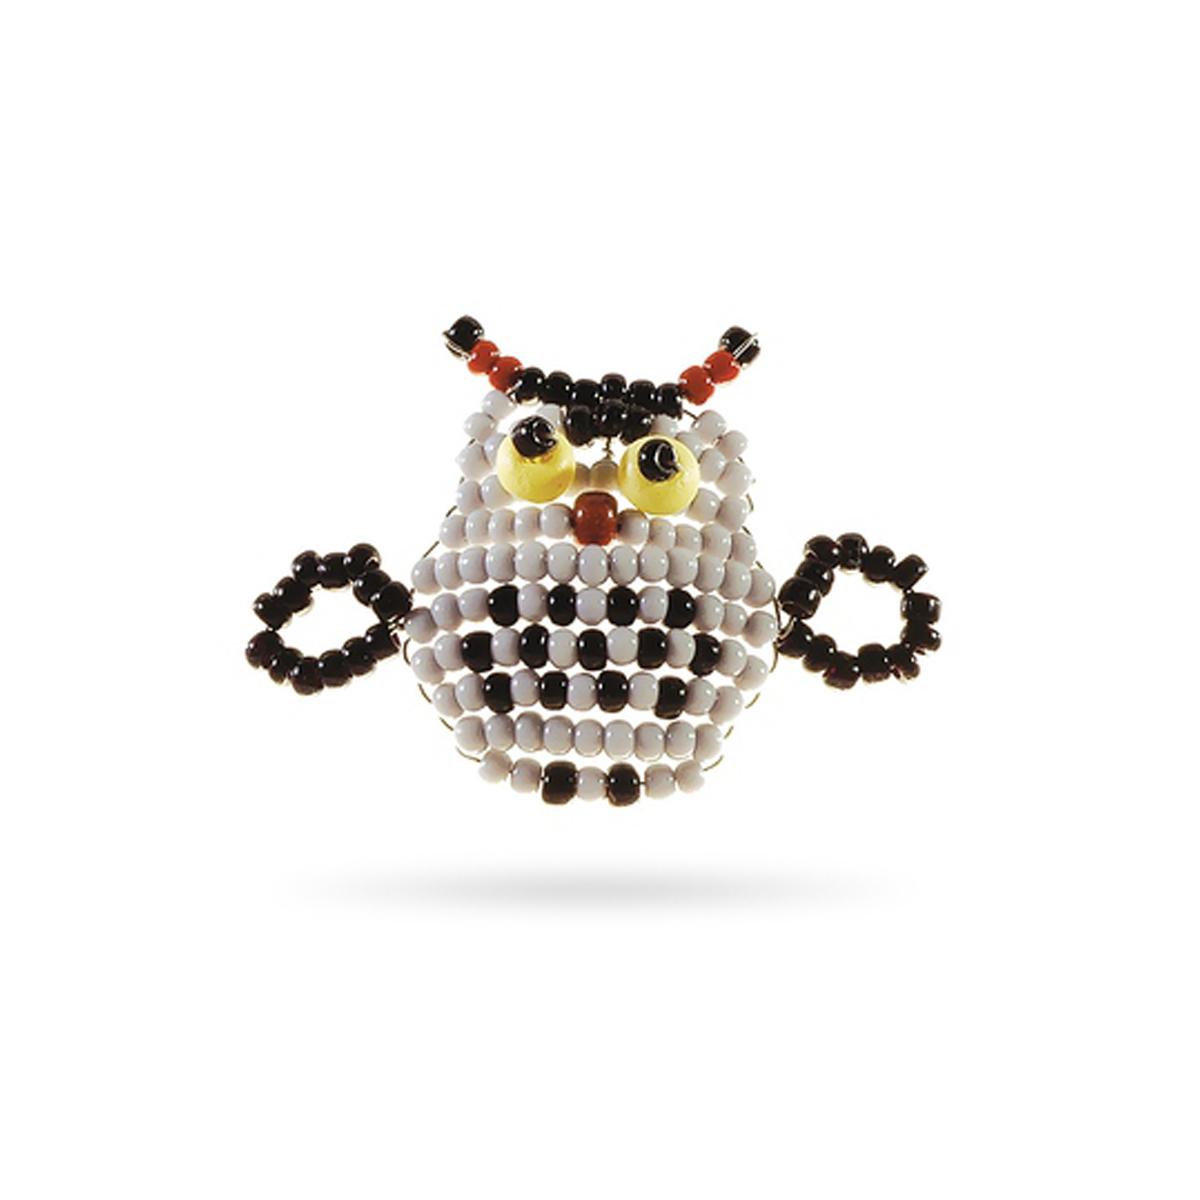 Набор для бисероплетения Кроше Совенок645171В последнее время плетение бисером набирает популярность среди рукодельниц. Научиться созданию изделий из маленьких ярких бусинок вполне реально, это будет под силу даже детям. Вашему вниманию предлагается многообразие наборов по бисероплению от бренда Кроше. Выбирайте любой из понравившихся и приступайте к созданию шедевра. Состав набора: чешский бисер, проволока для бисера, схема и описание к работе.